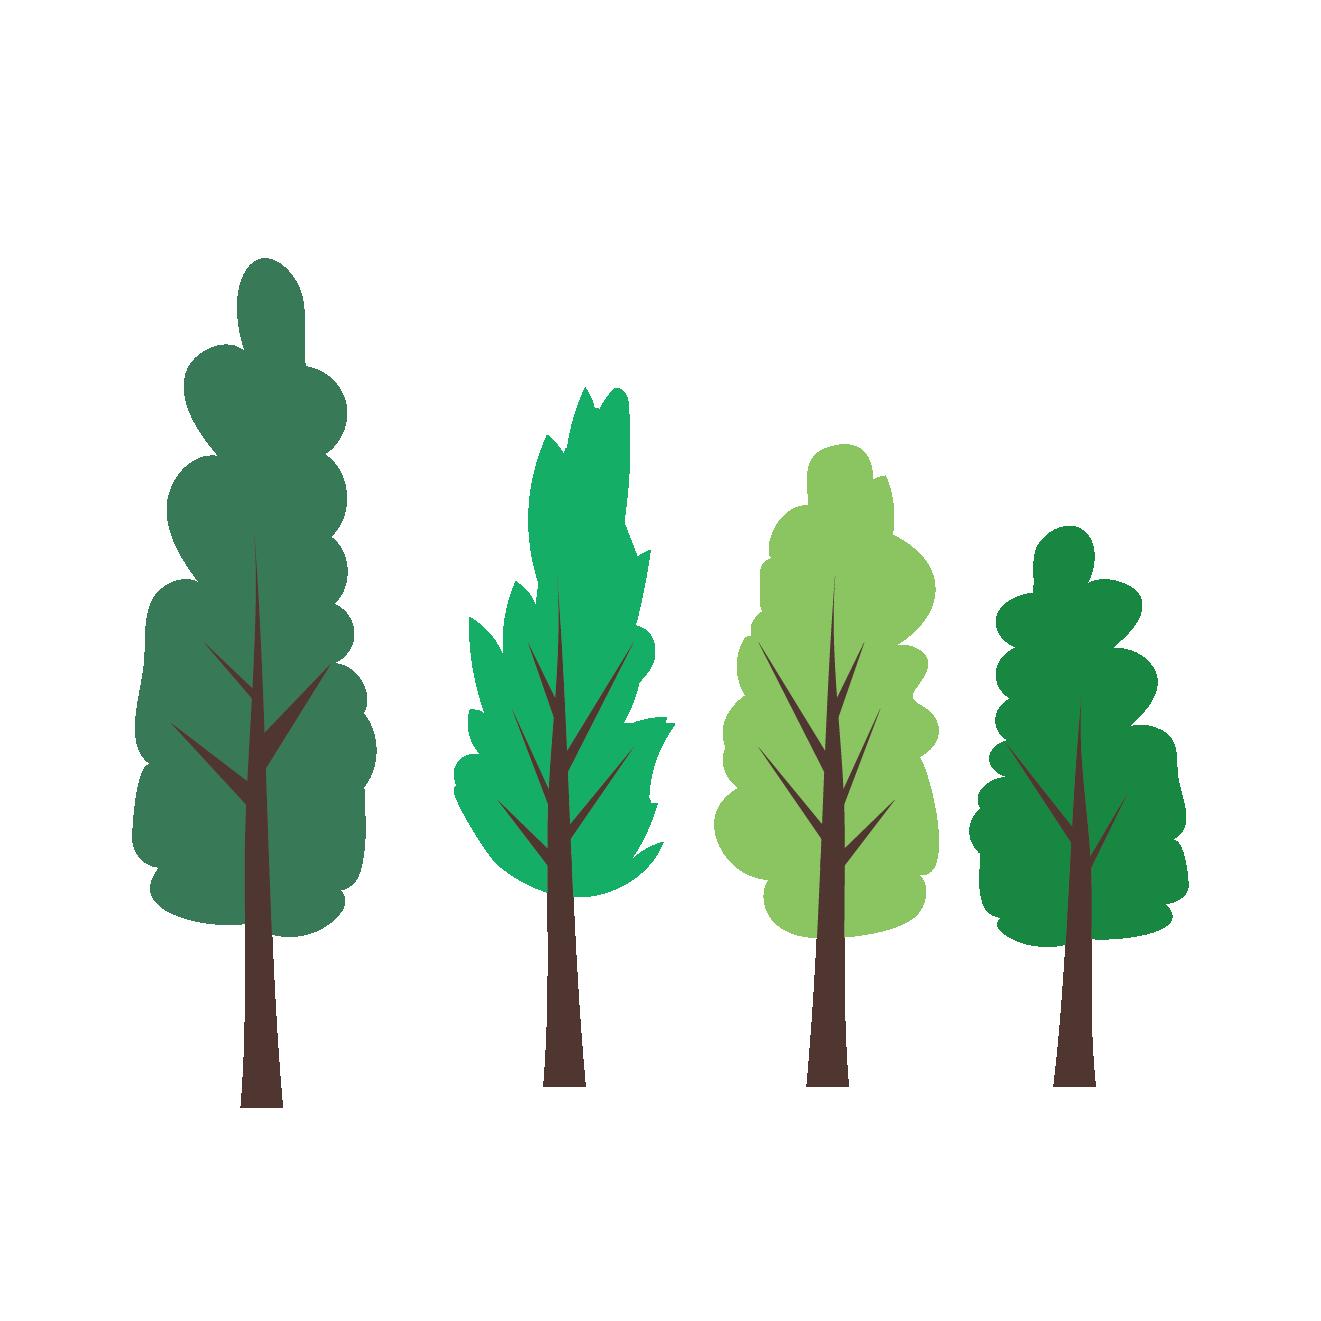 新緑木のイラスト植物グリーン 商用フリー無料のイラスト